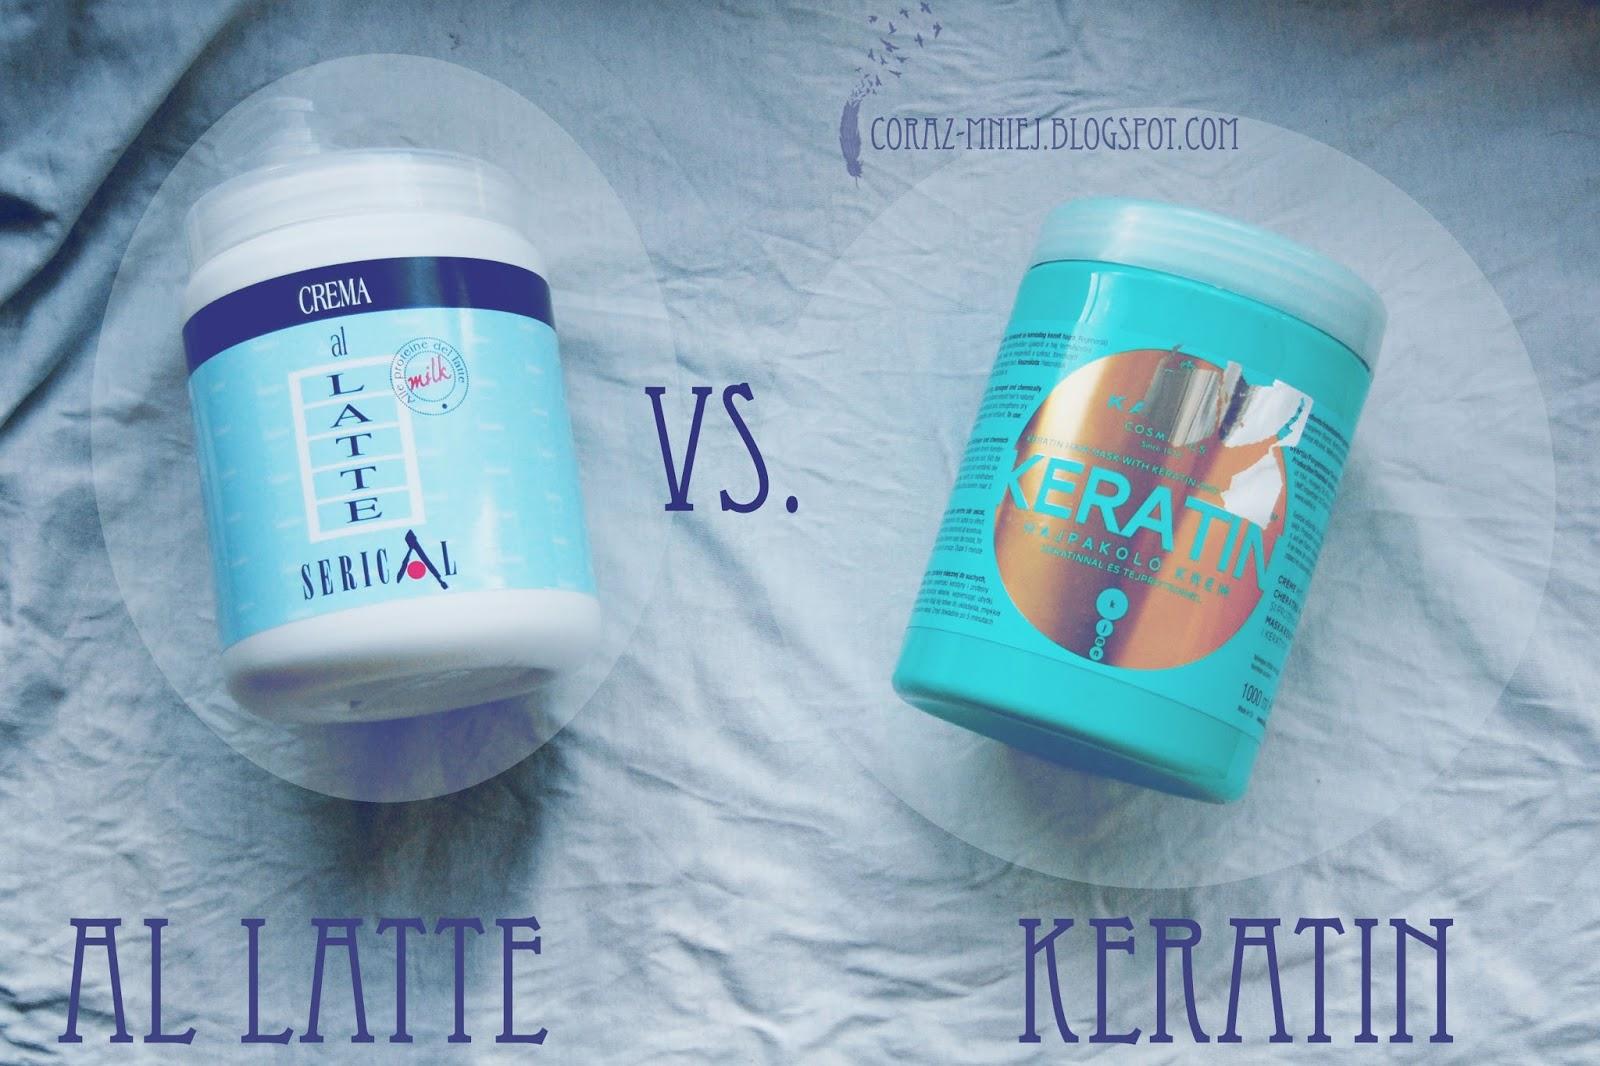 Kallos Keratin kontra Al Latte. Kto wygra?